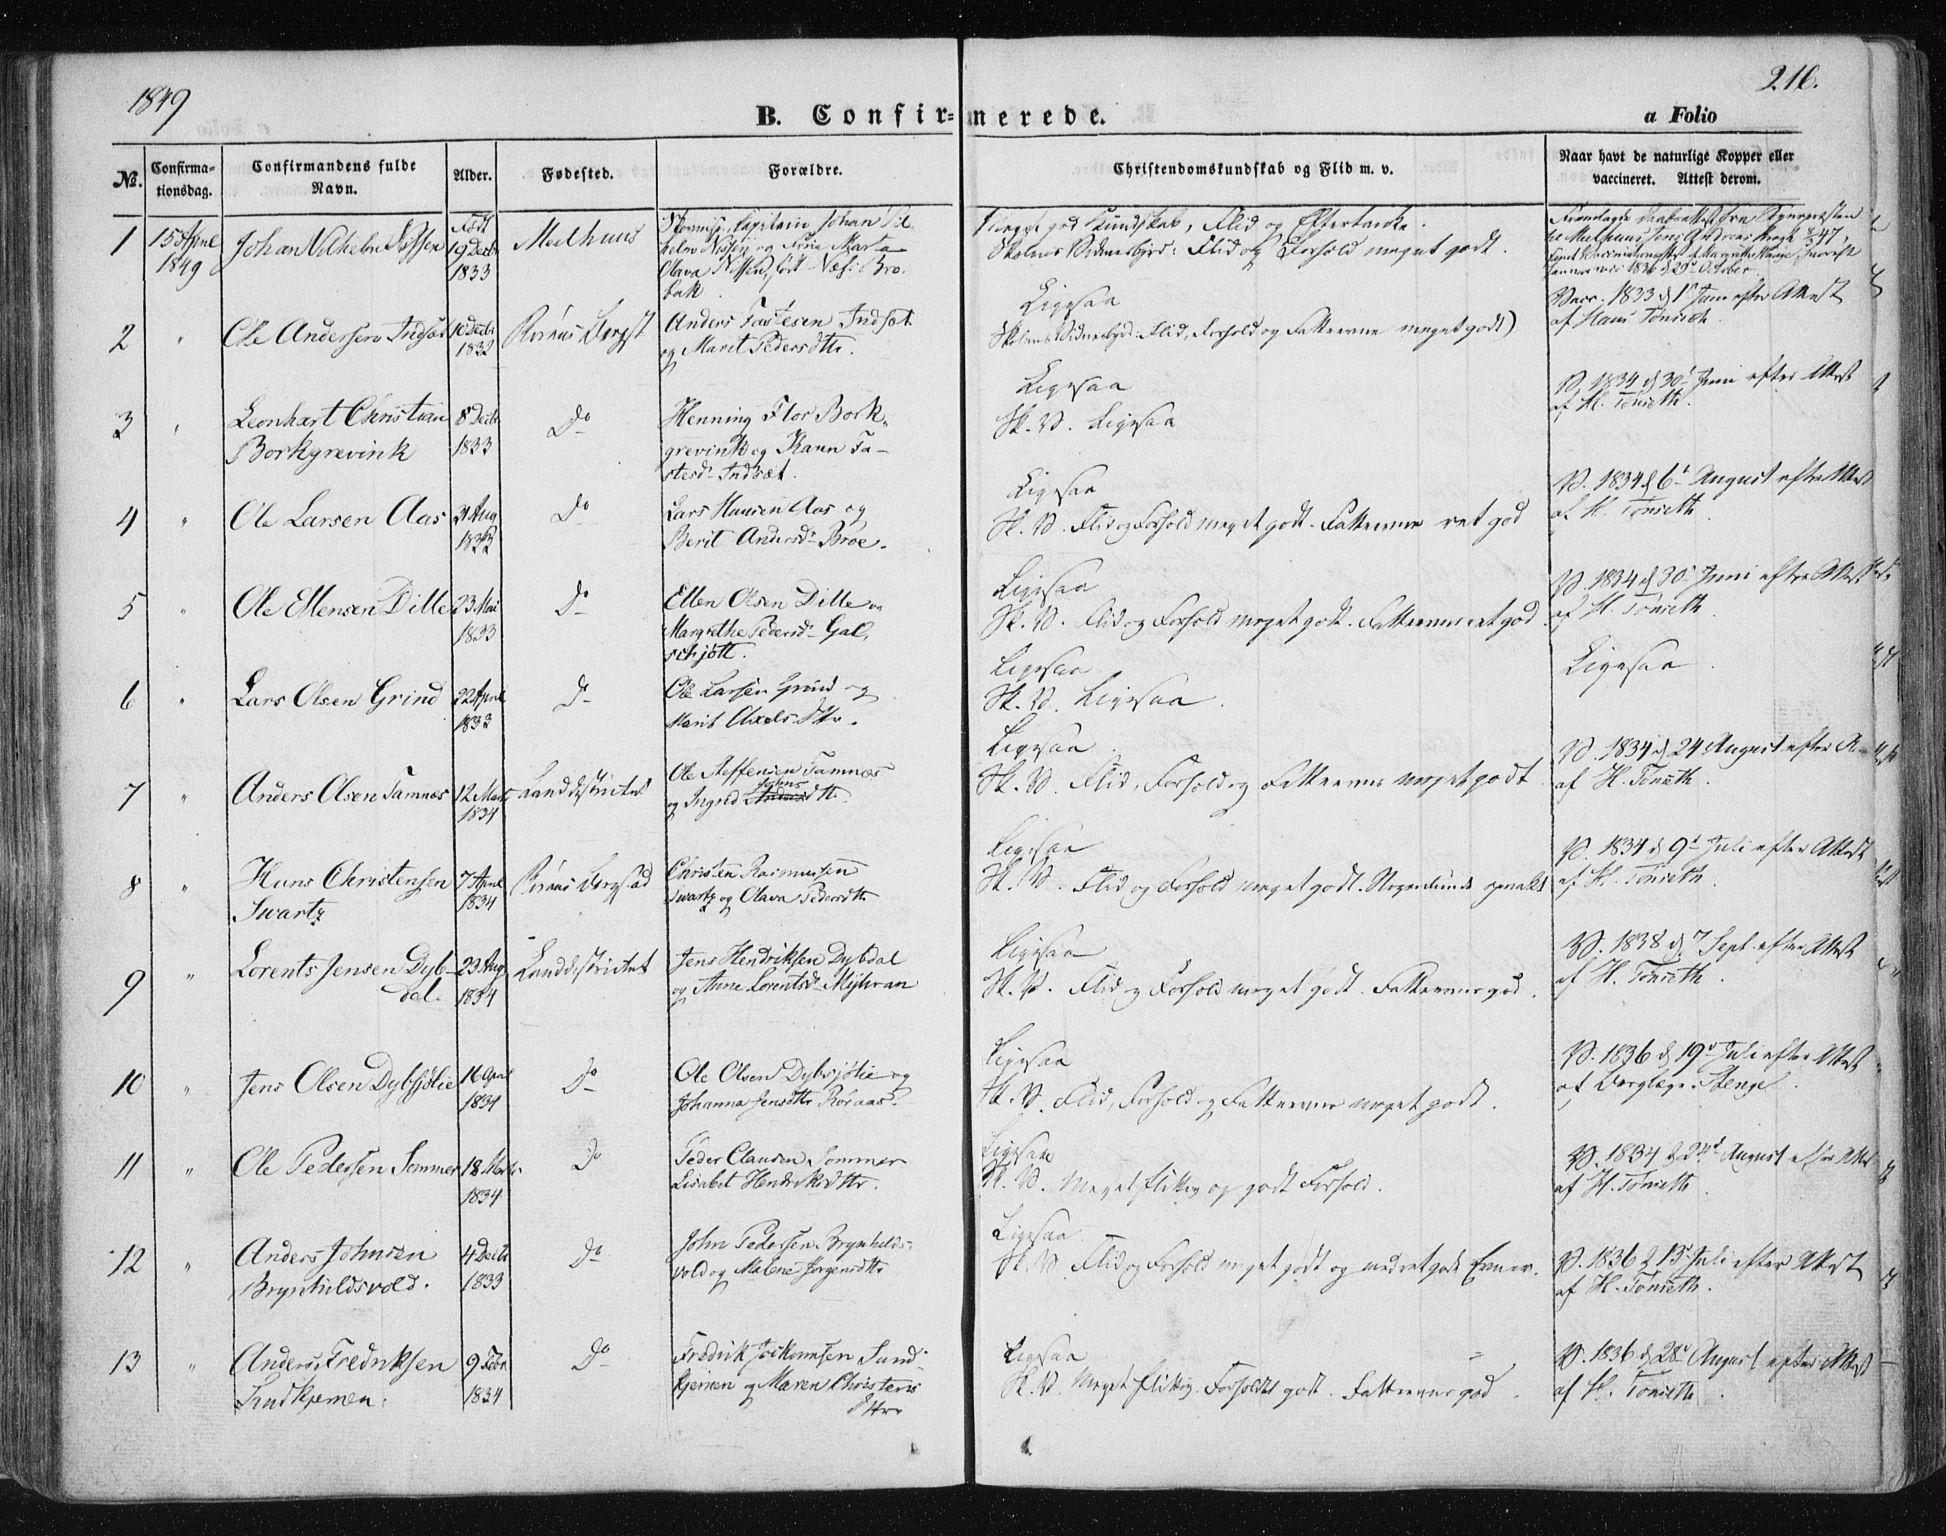 SAT, Ministerialprotokoller, klokkerbøker og fødselsregistre - Sør-Trøndelag, 681/L0931: Ministerialbok nr. 681A09, 1845-1859, s. 216